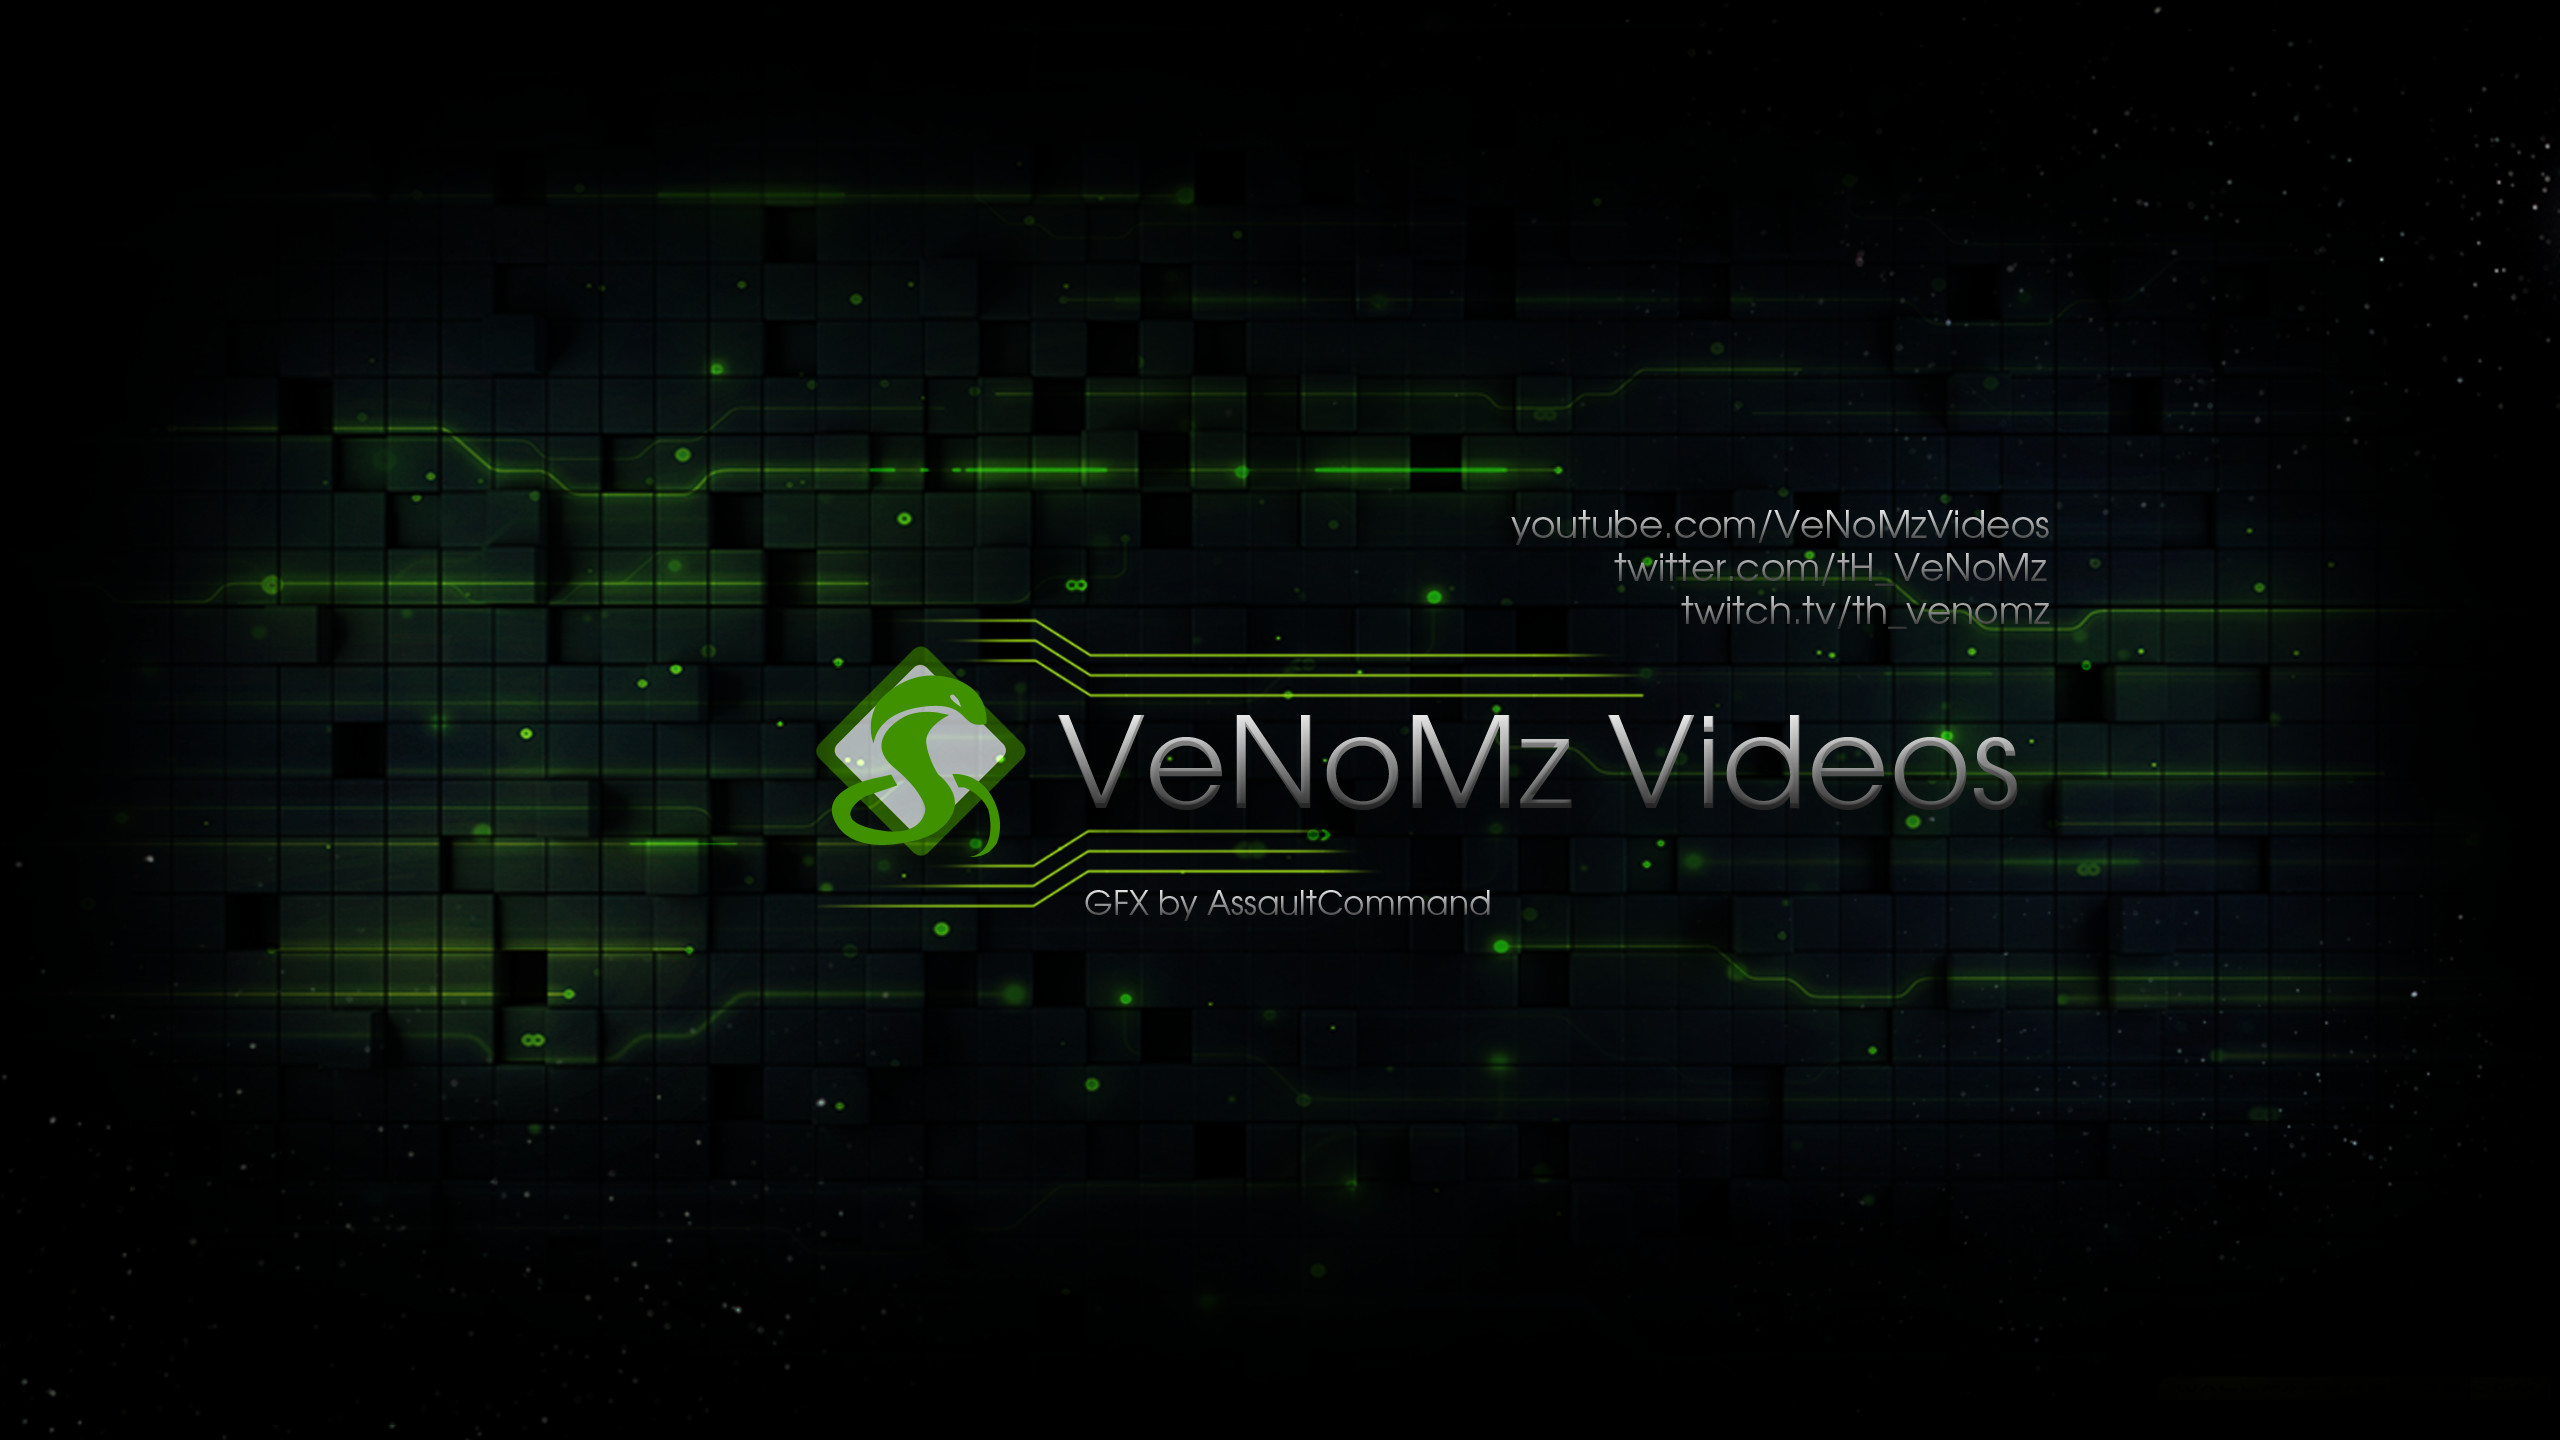 VeNoMz Videos – Youtube banner/Wallpaper by Floodgrunt on DeviantArt